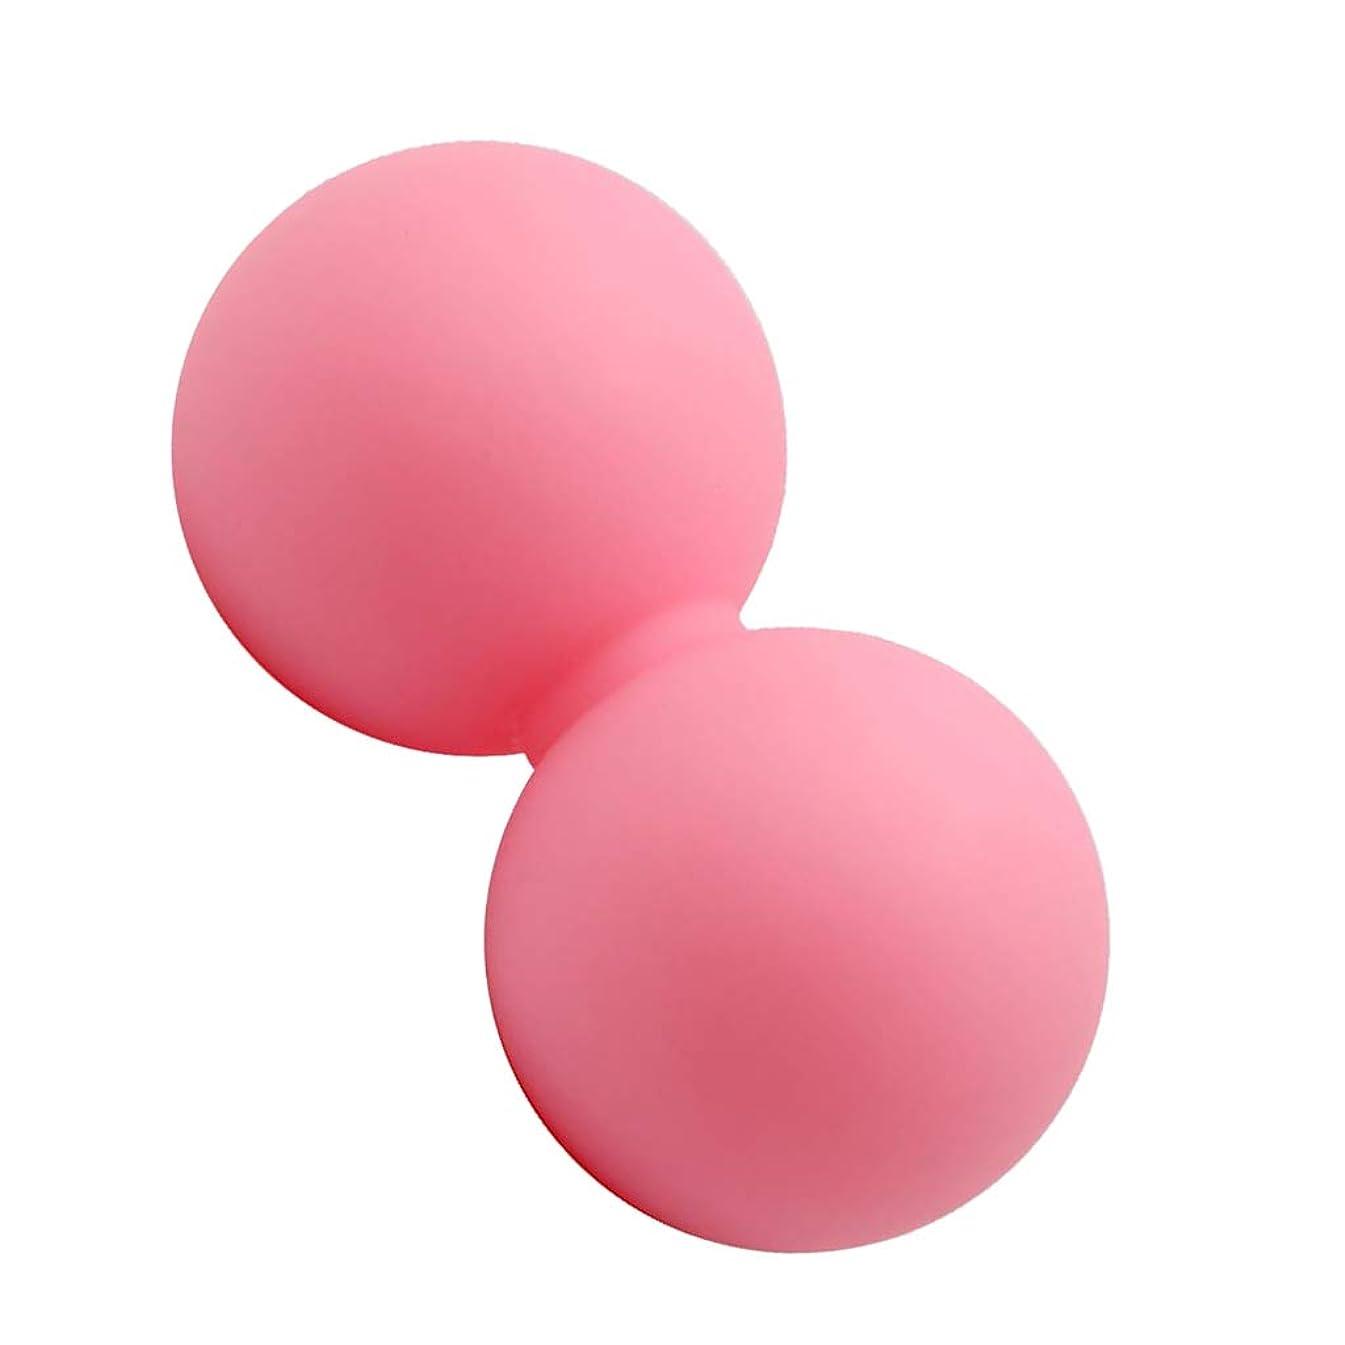 ネコ酸化する生じるD DOLITY マッサージボール ヨガ 手のひら/足/足首/腕/首/背中用 ピンク